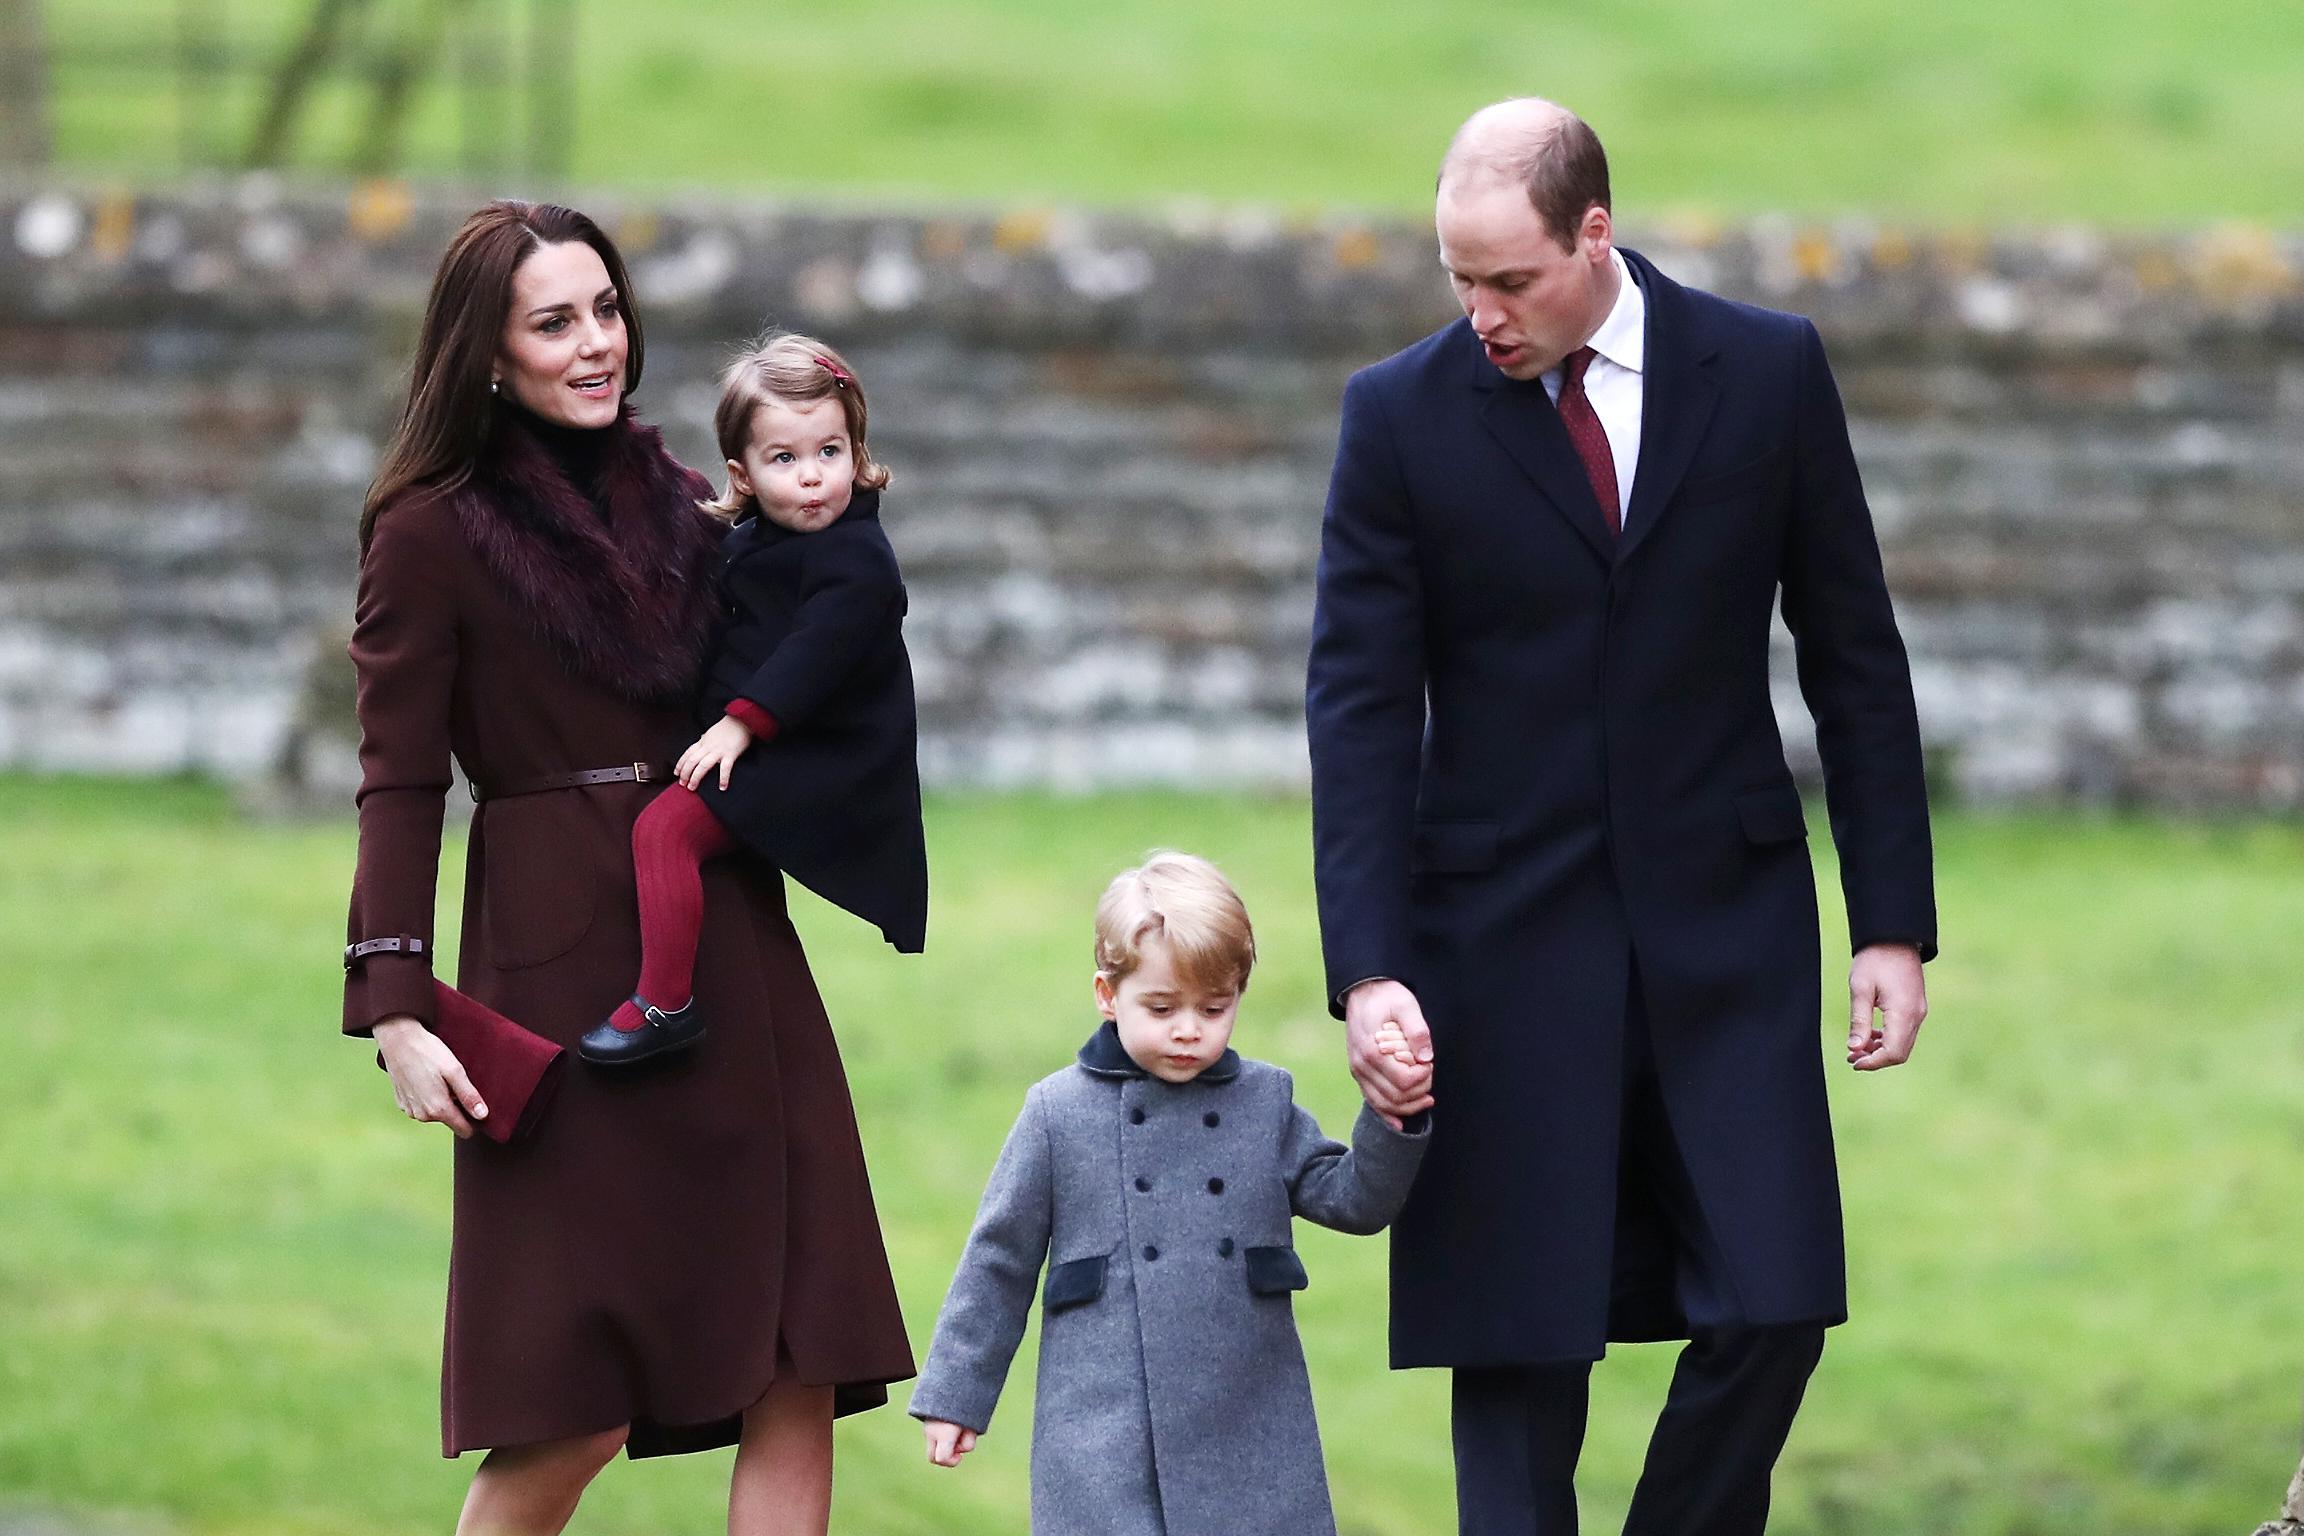 威廉凱特明年搬回倫敦 喬治王子入讀名校